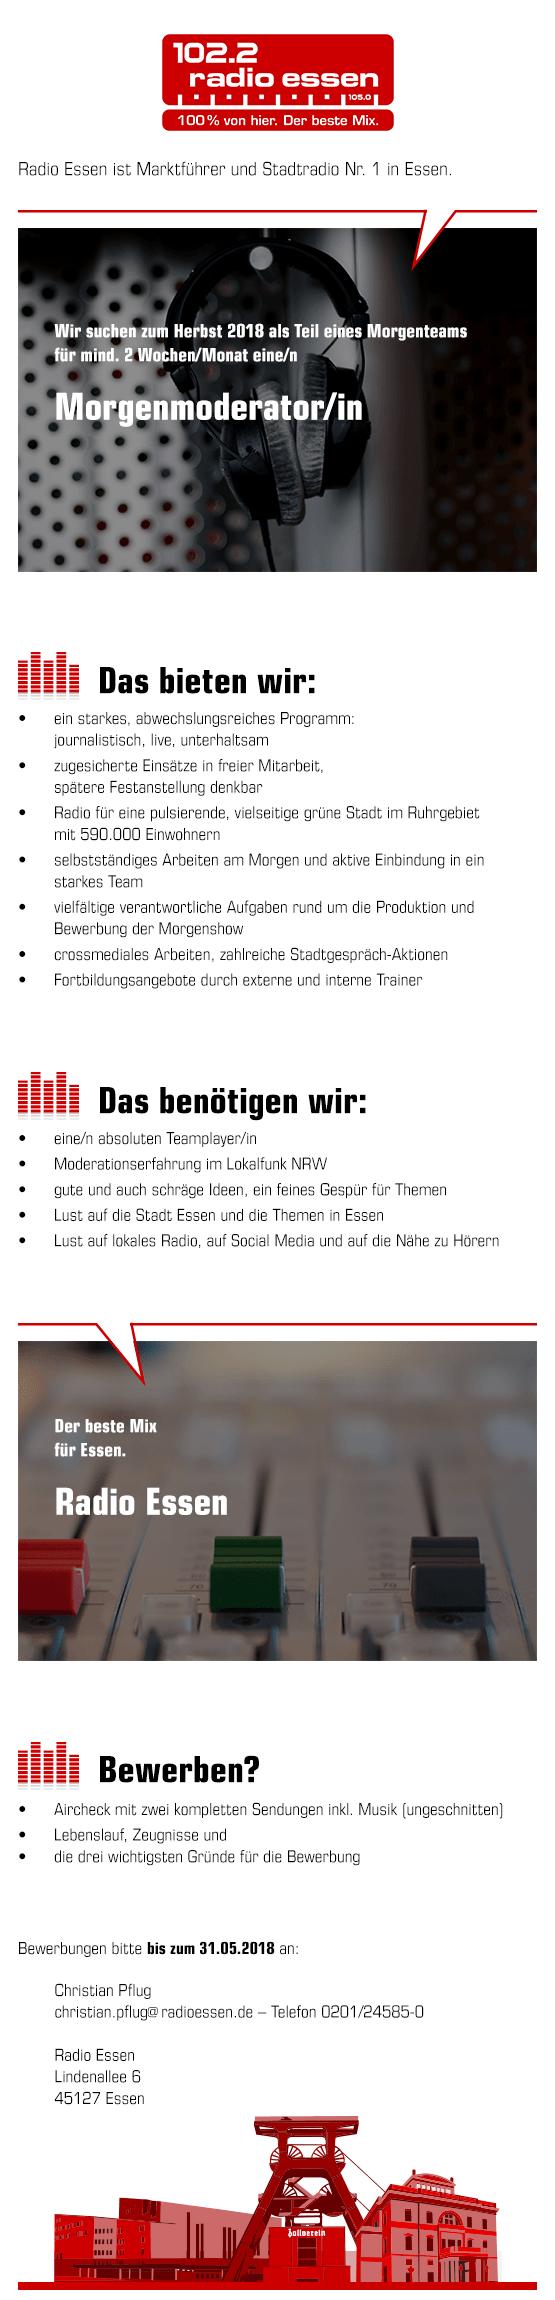 Radio Essen – Marktführer und Stadtradio Nr. 1 im Essen – sucht zum Herbst 2018 für mindestens 2 Wochen/Monat eine/n Morgenmoderator/in.